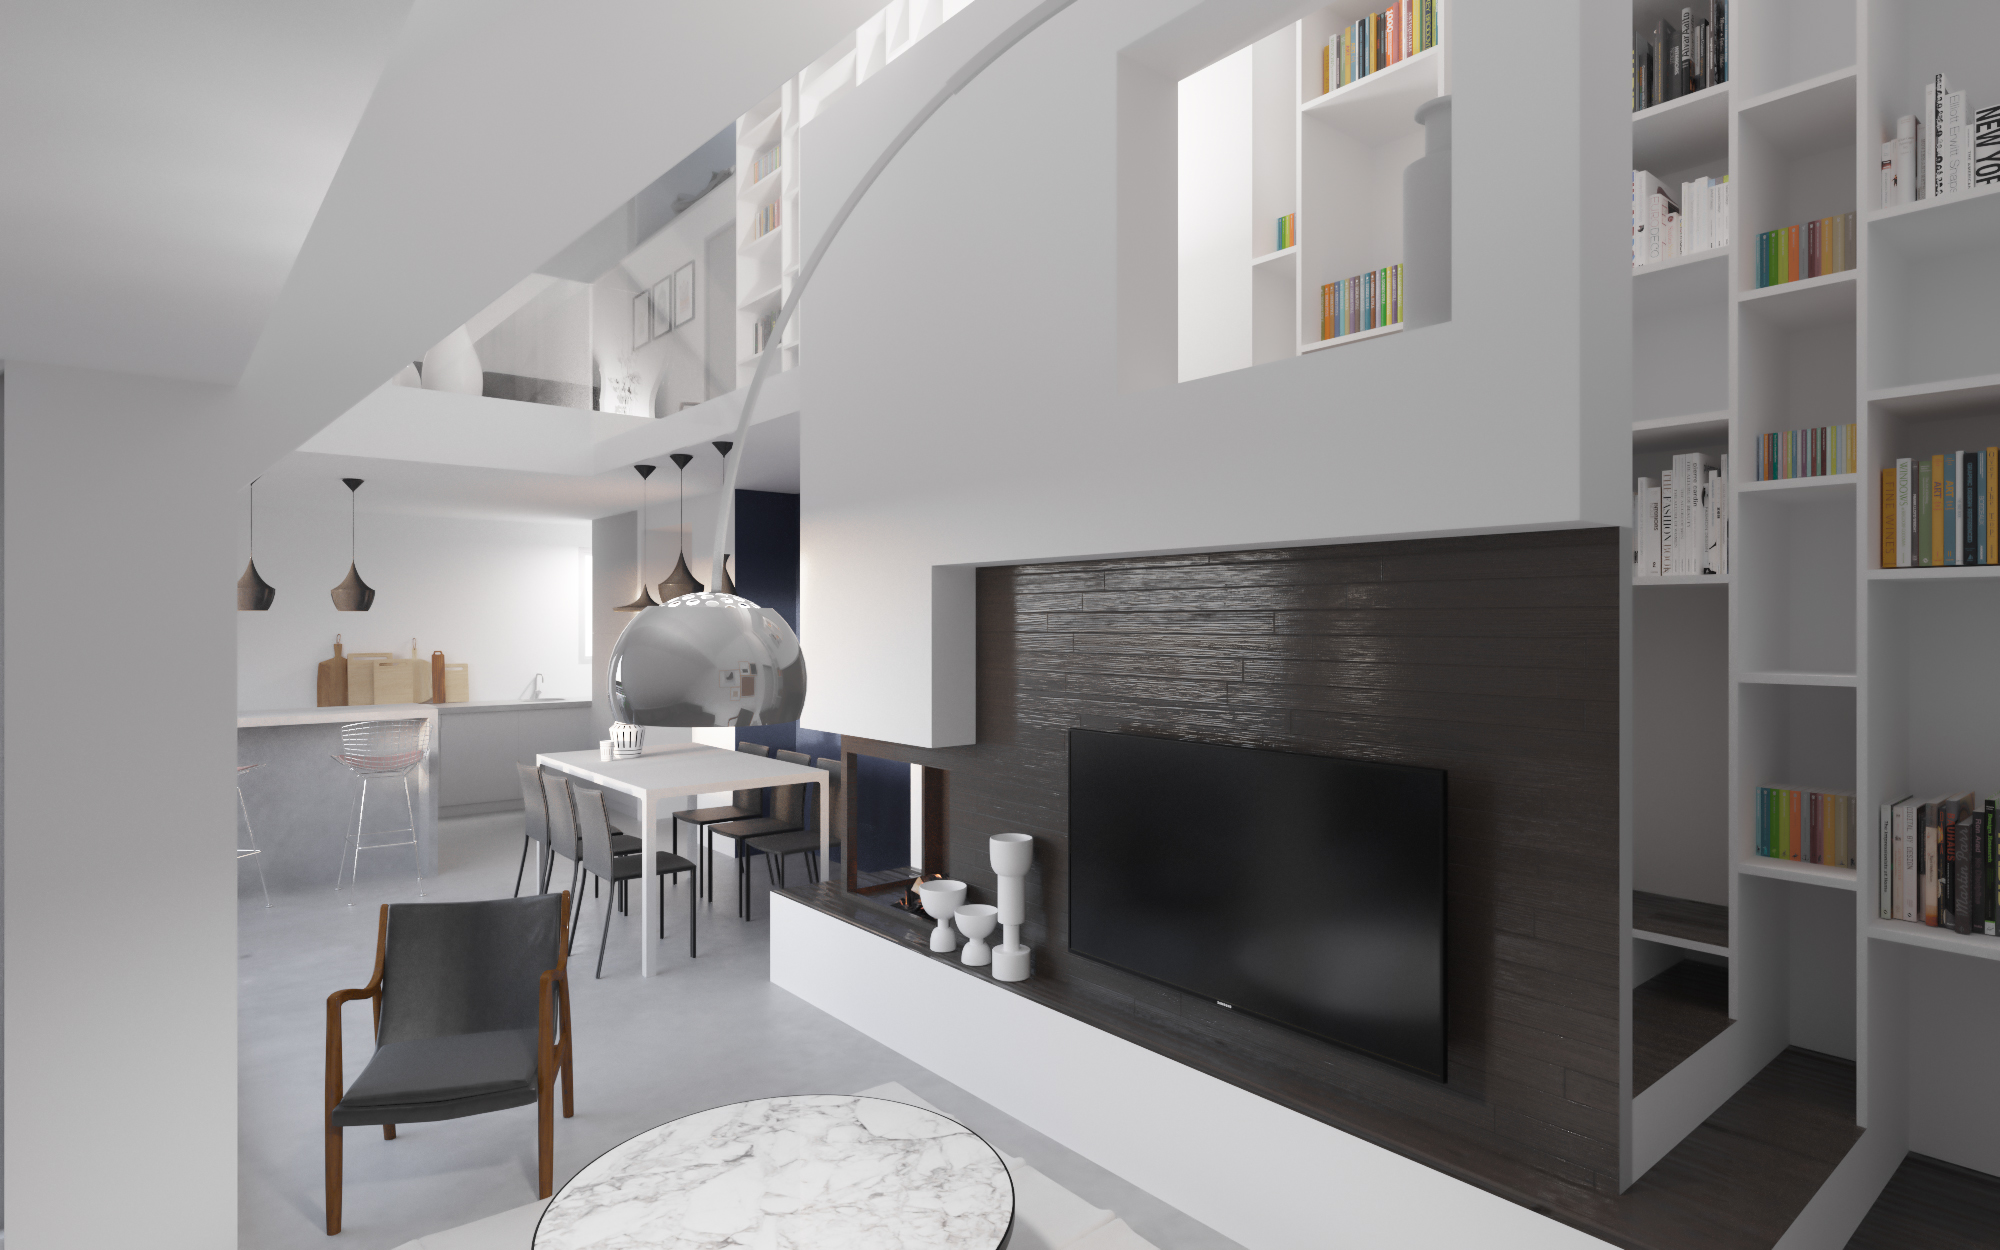 amenagement d 39 un appartement en duplex ekarchitecte. Black Bedroom Furniture Sets. Home Design Ideas